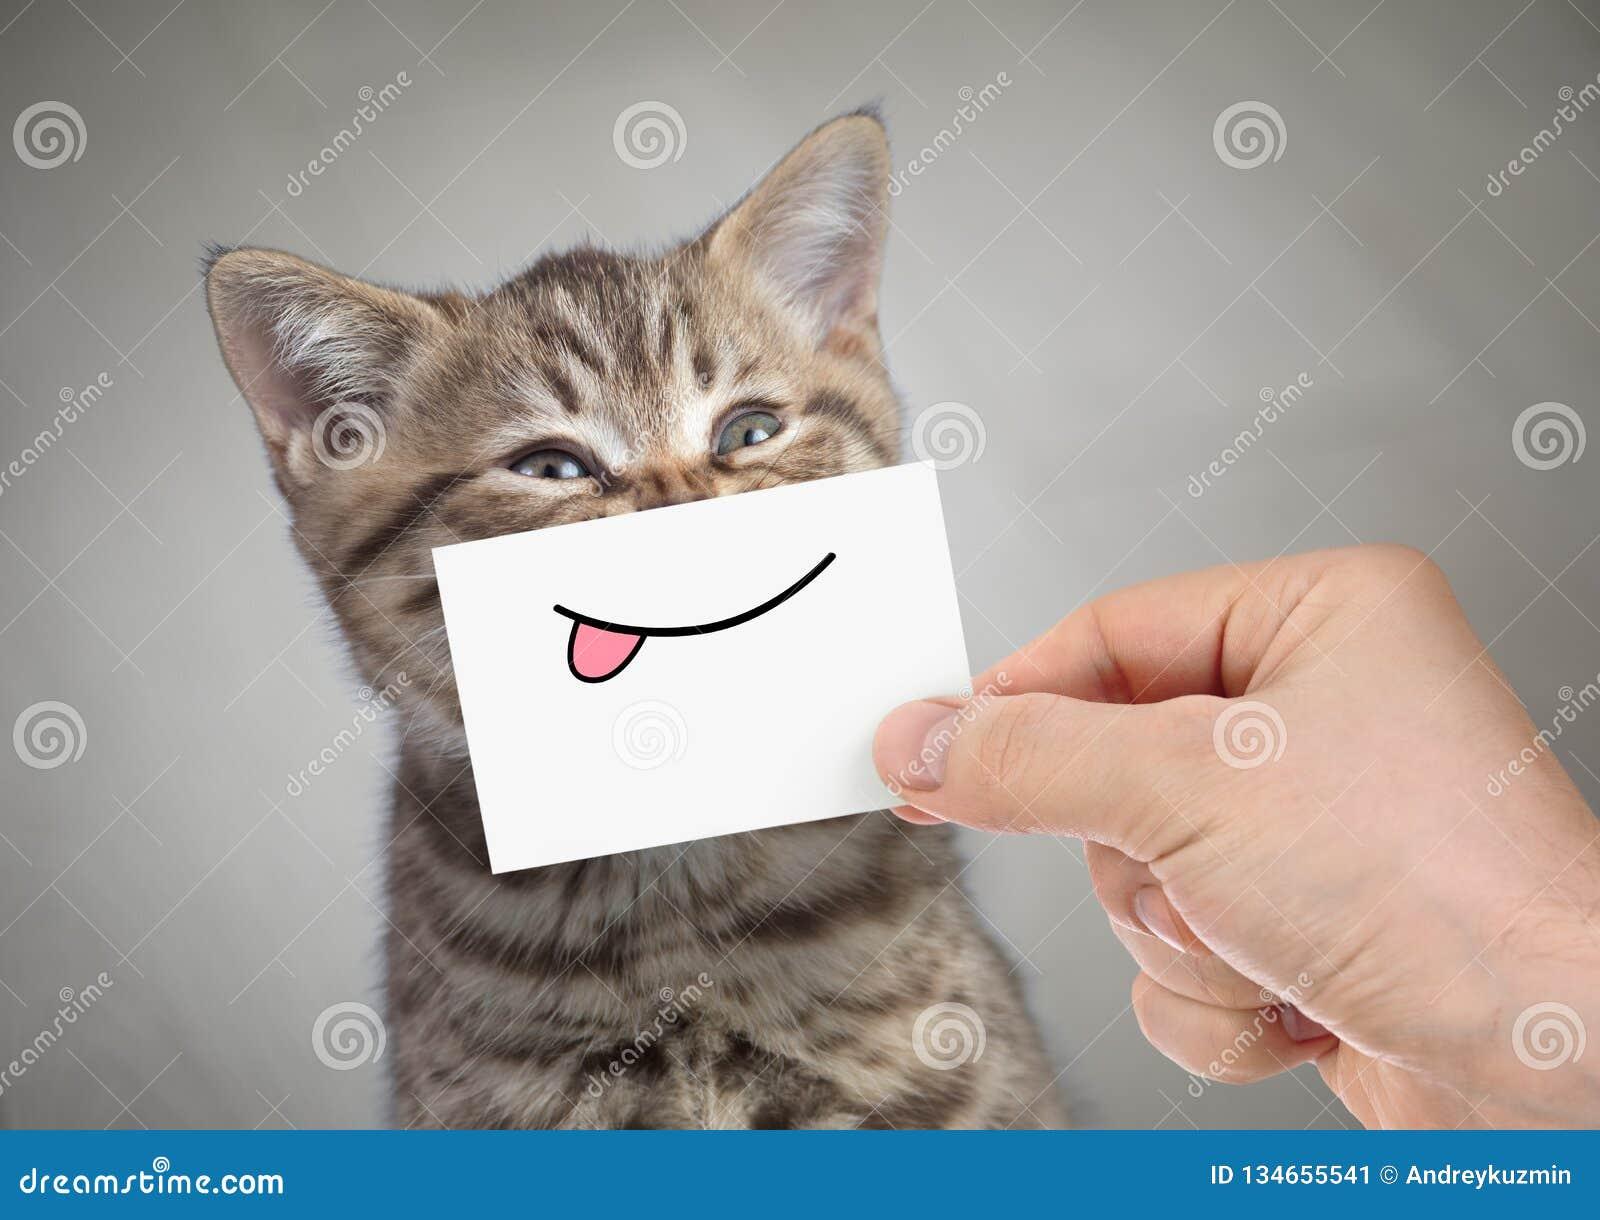 Αστεία γάτα που χαμογελά με τη γλώσσα